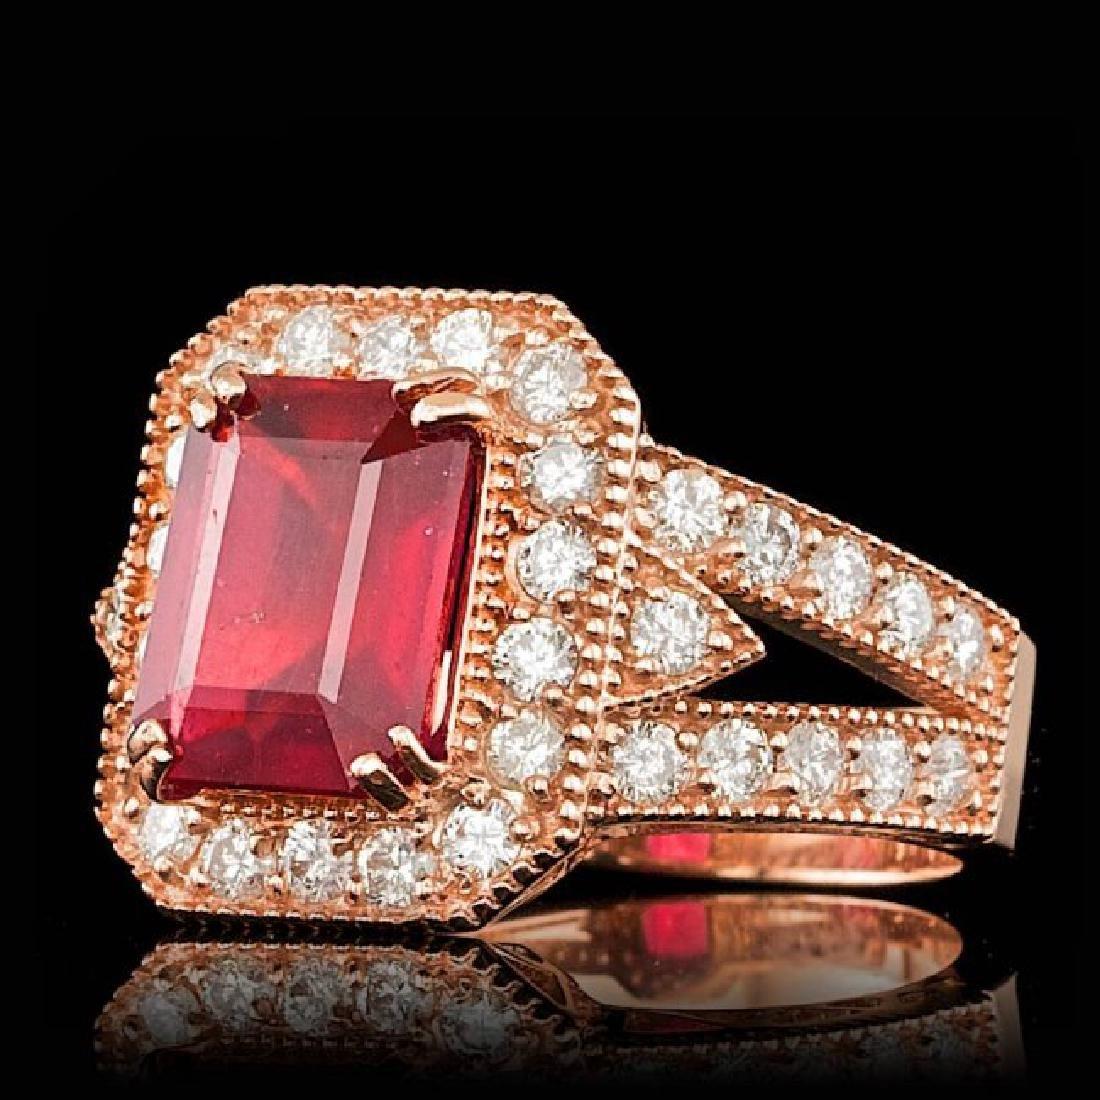 14k Rose Gold 4.00ct Ruby 1.30ct Diamond Ring - 2